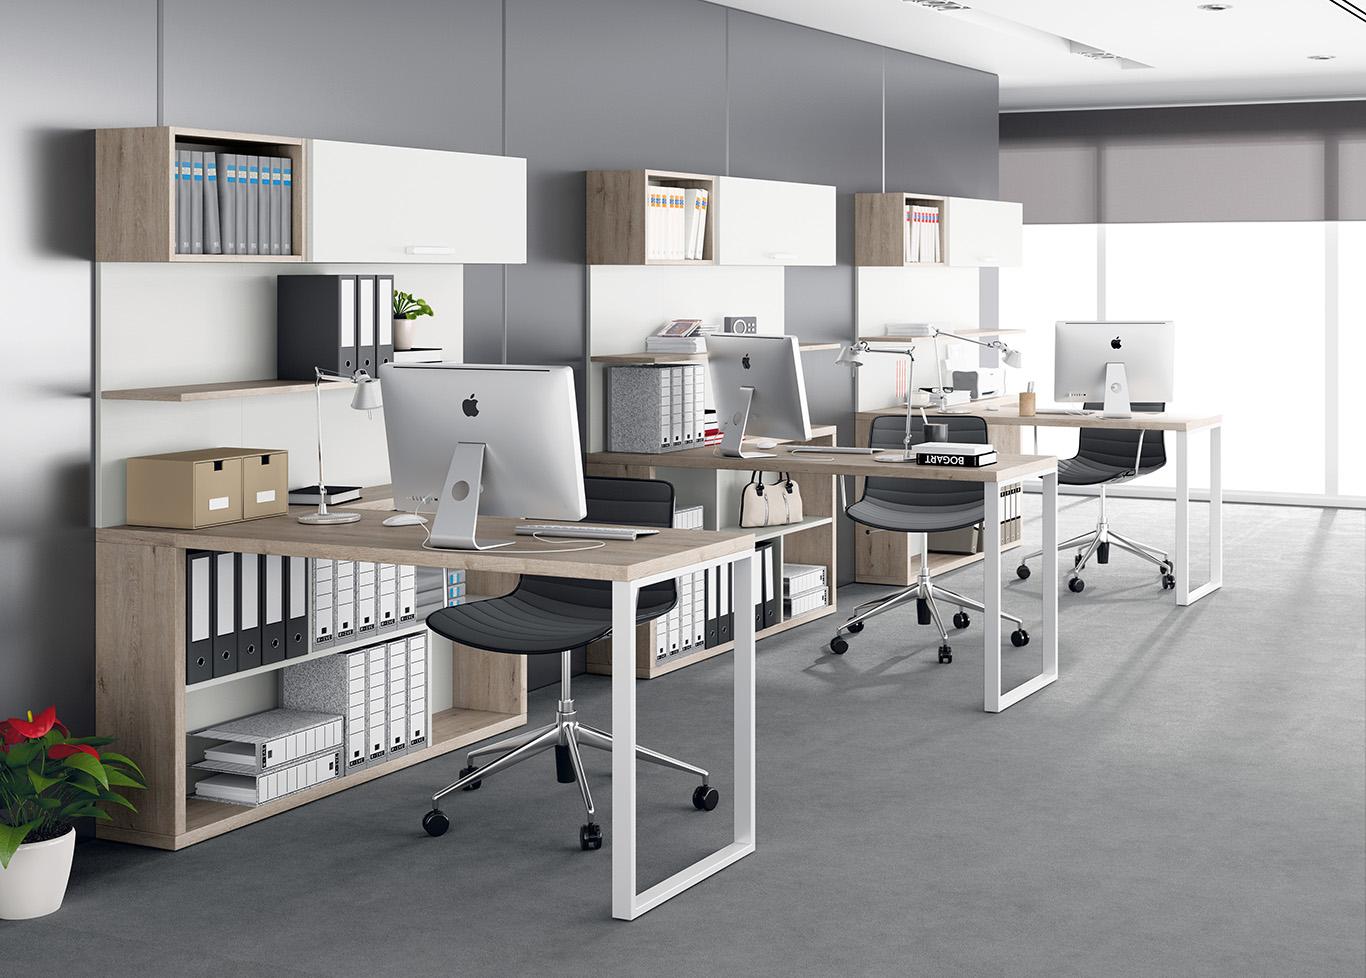 Estudio y despacho for Muebles despacho baratos